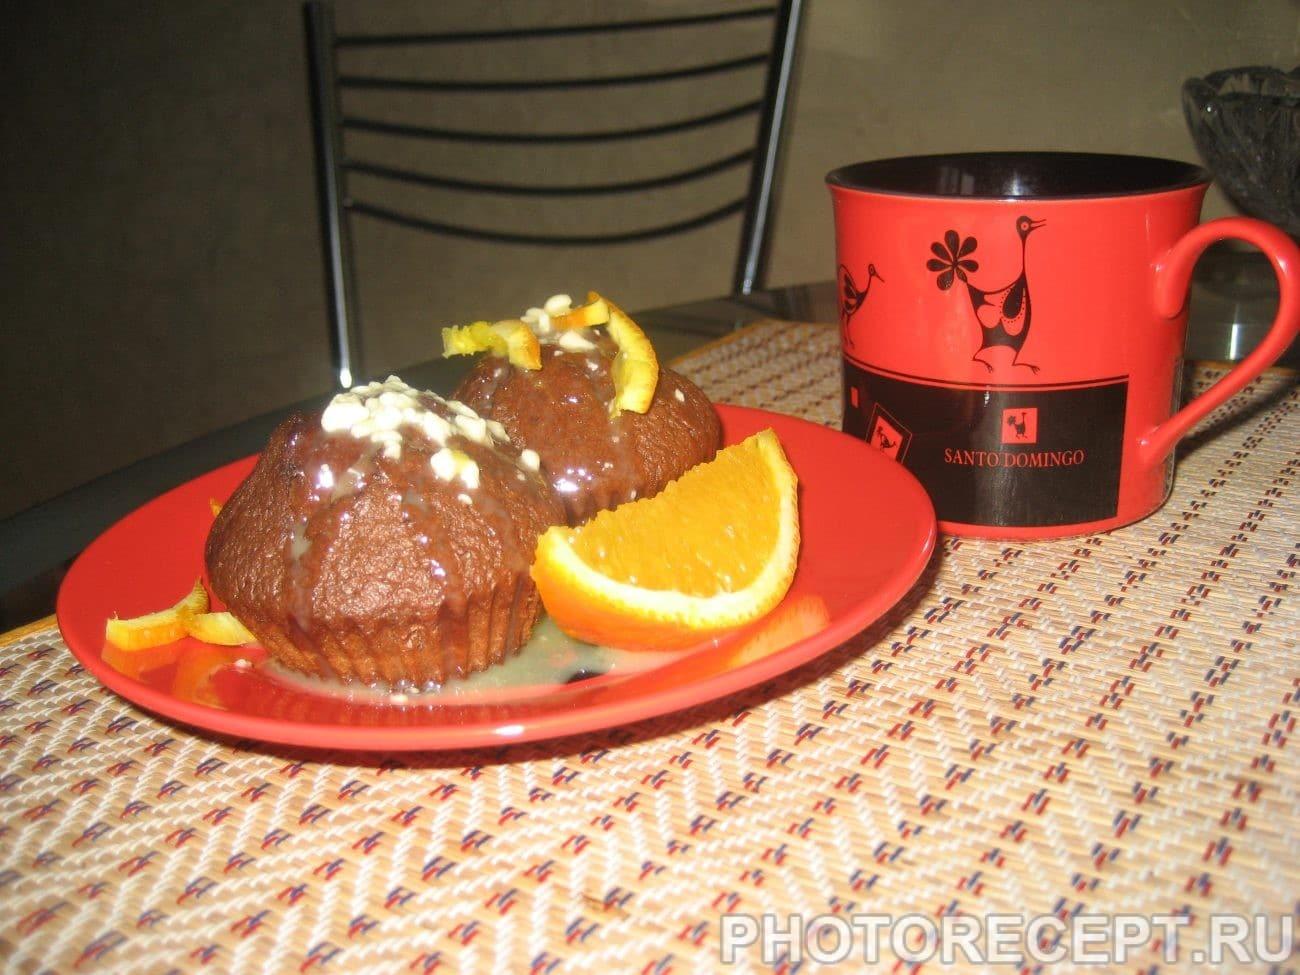 Шоколадные пирожные с апельсиновым соусом